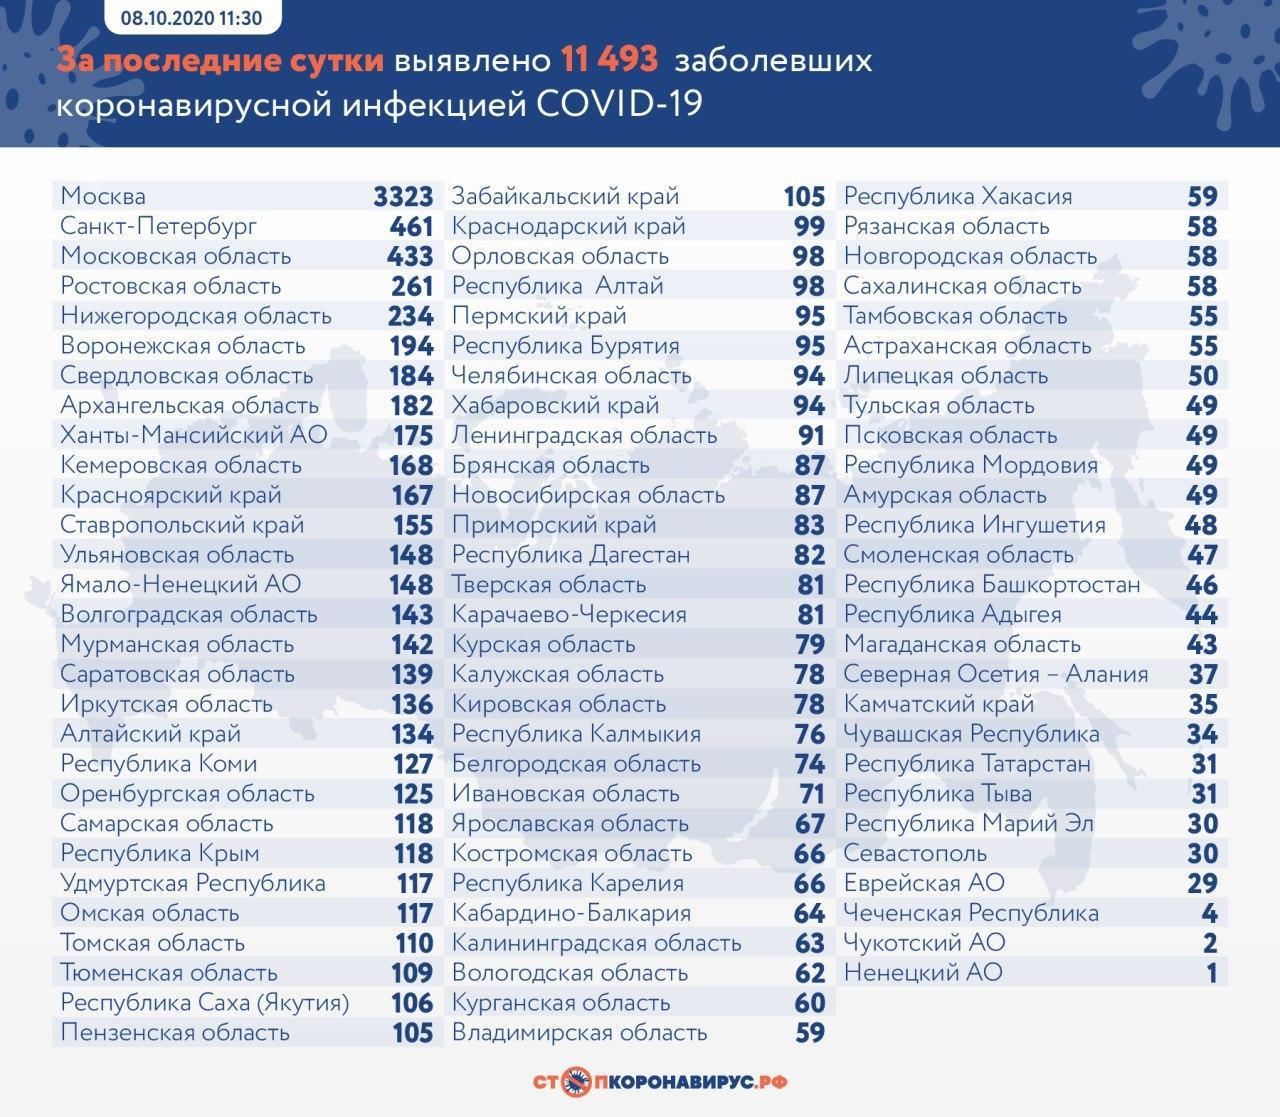 За последние сутки в России выявлены 11 493 заразившихся коронавирусом